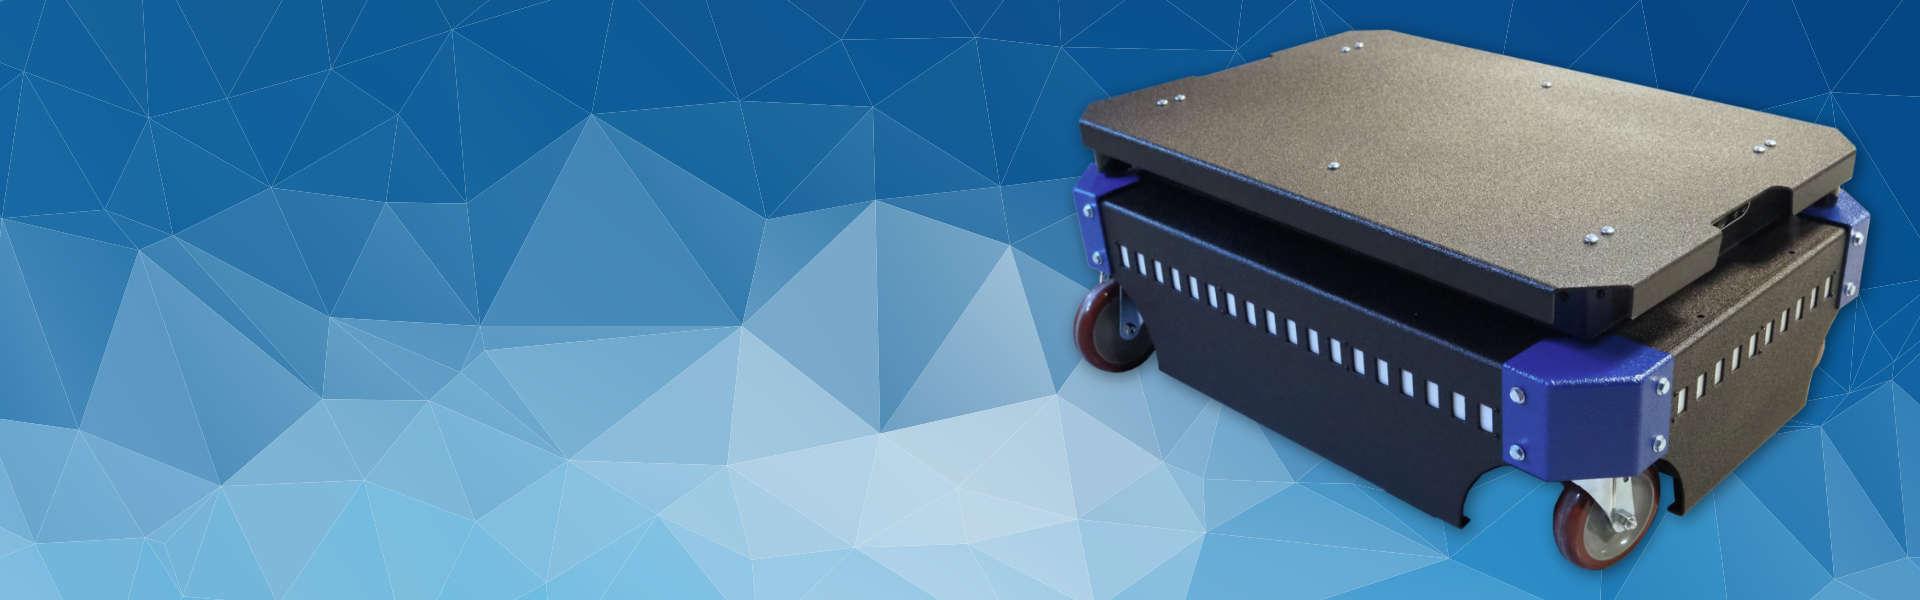 Image of the VIPR-L Autonomous Platform